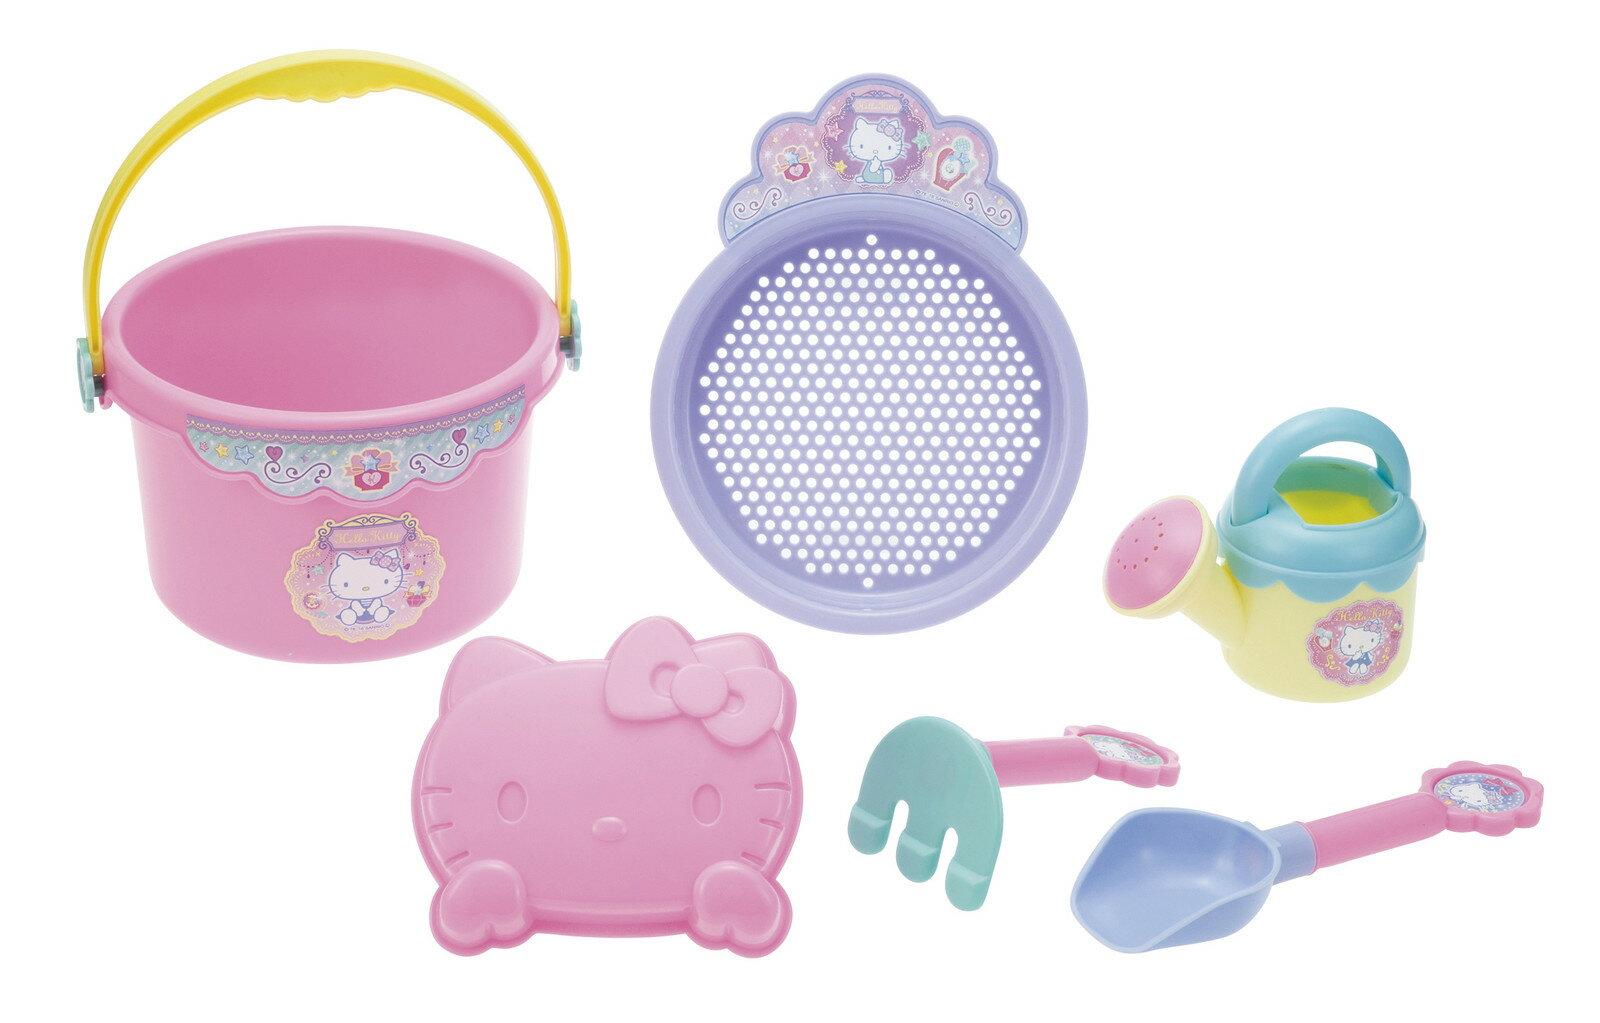 【真愛日本】17062900003 挖沙玩具六件組-KT 三麗鷗 kitty 凱蒂貓 堆沙堡 鏟子 水桶 沙灘玩具